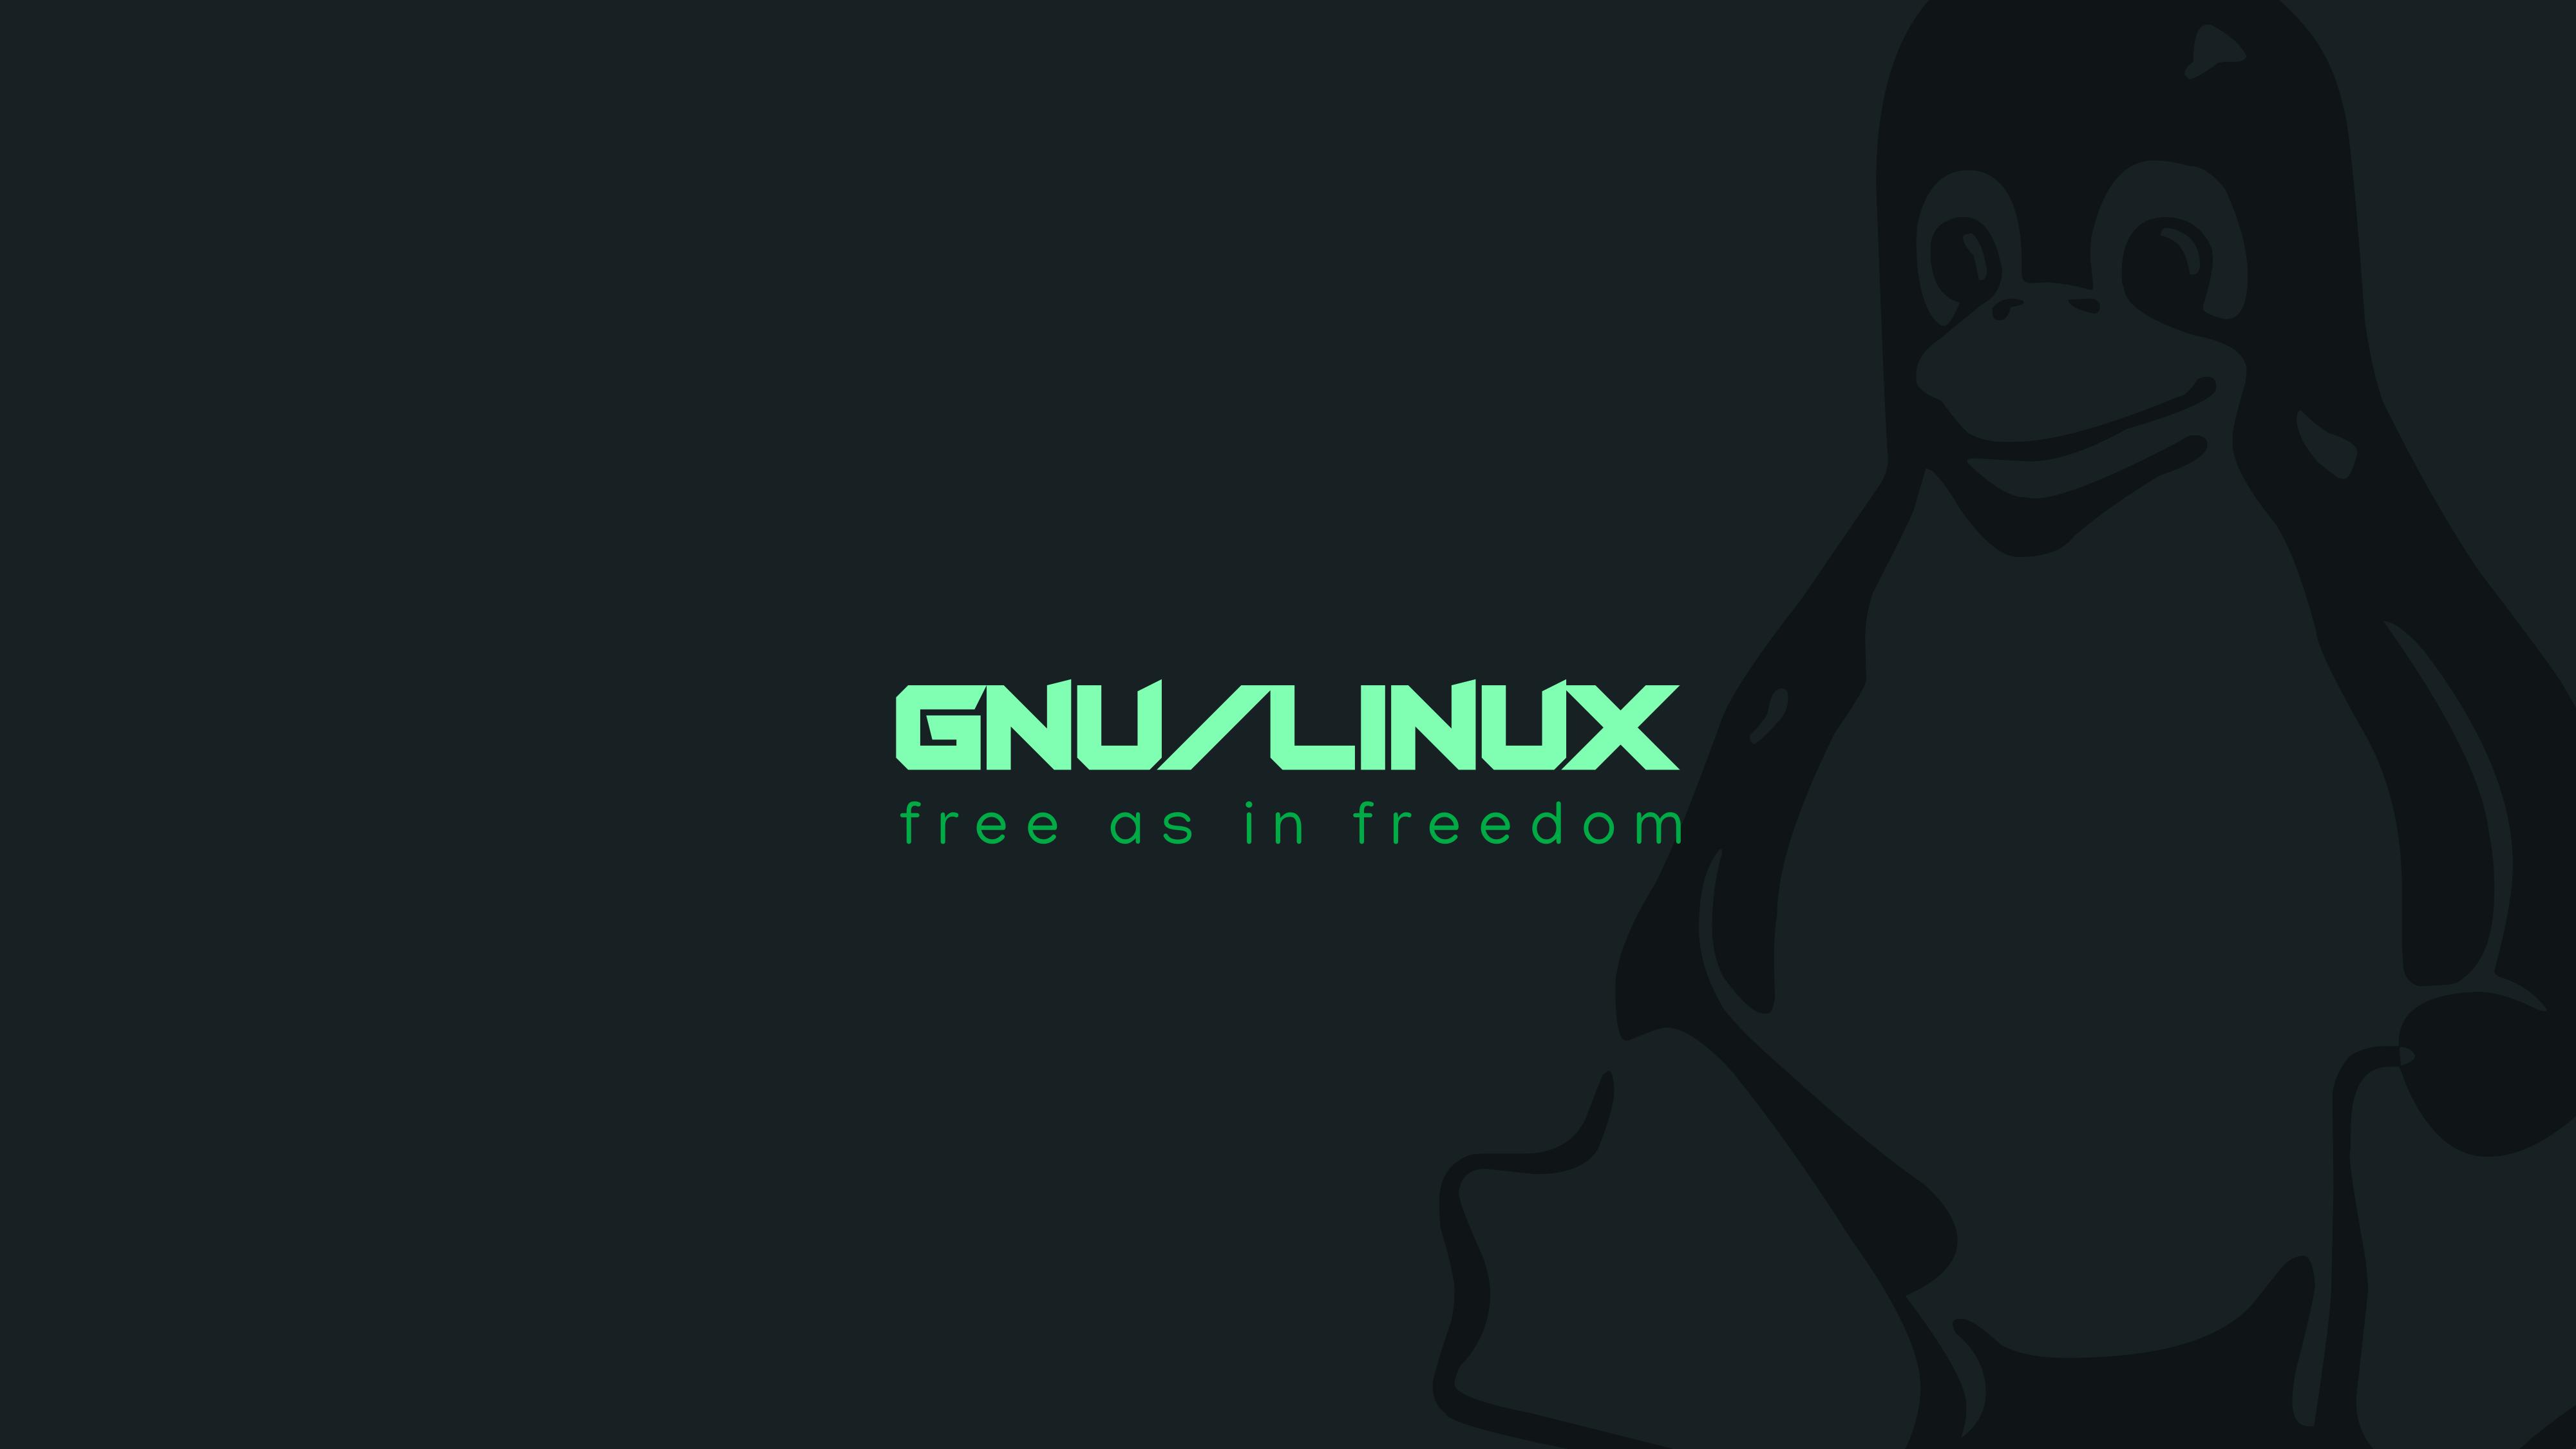 تعبیر من از گنو/لینوکس